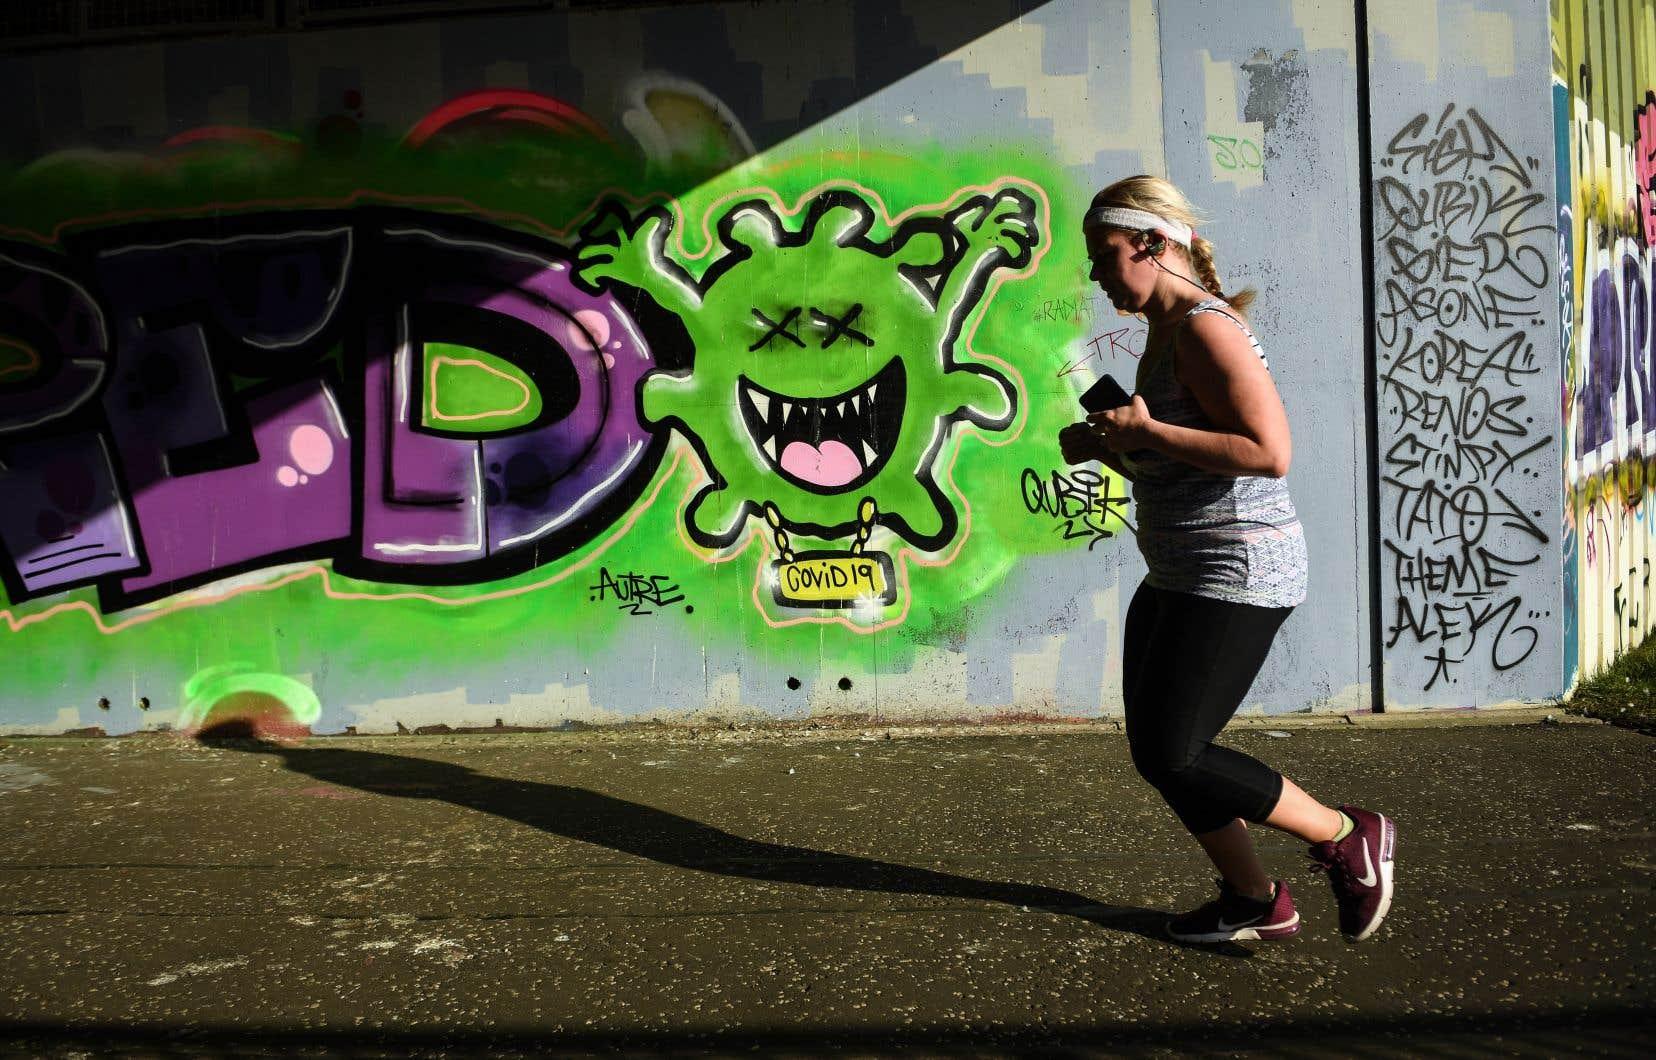 Une joggeuse passait devant un graffiti, samedi, à Glasgow. Mardi, le Parlement britannique devrait reprendre ses travaux, principalement en vidéo-conférence.